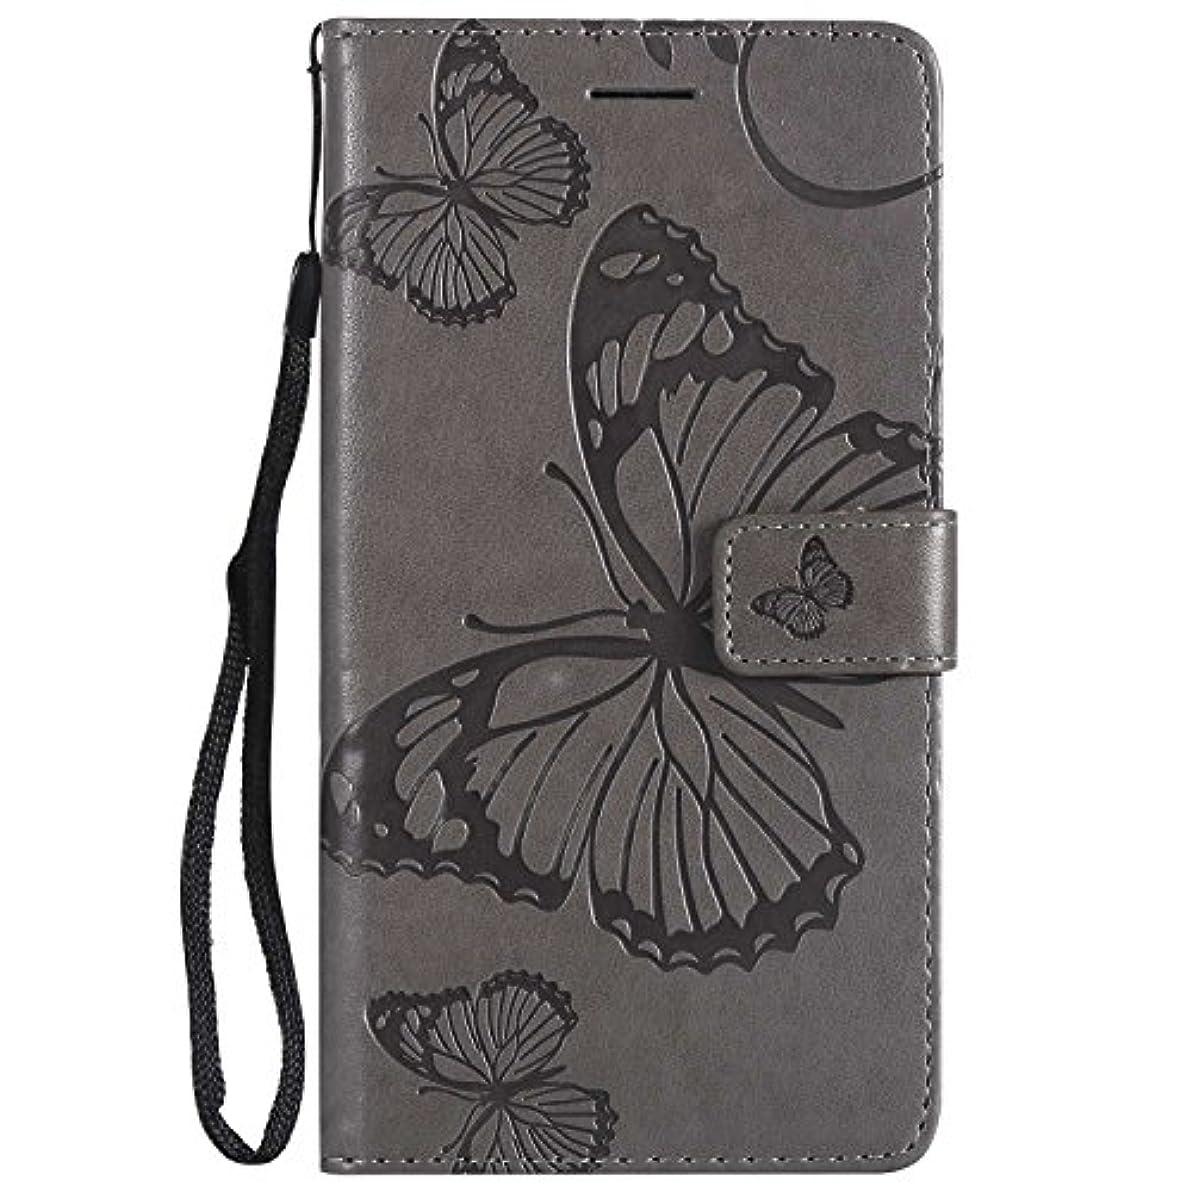 挑む区チャネルCUSKING LG LS777 ケース LG LS777 カバー エルジー 手帳ケース カードポケット スタンド機能 蝶柄 スマホケース かわいい レザー 手帳 - グレー